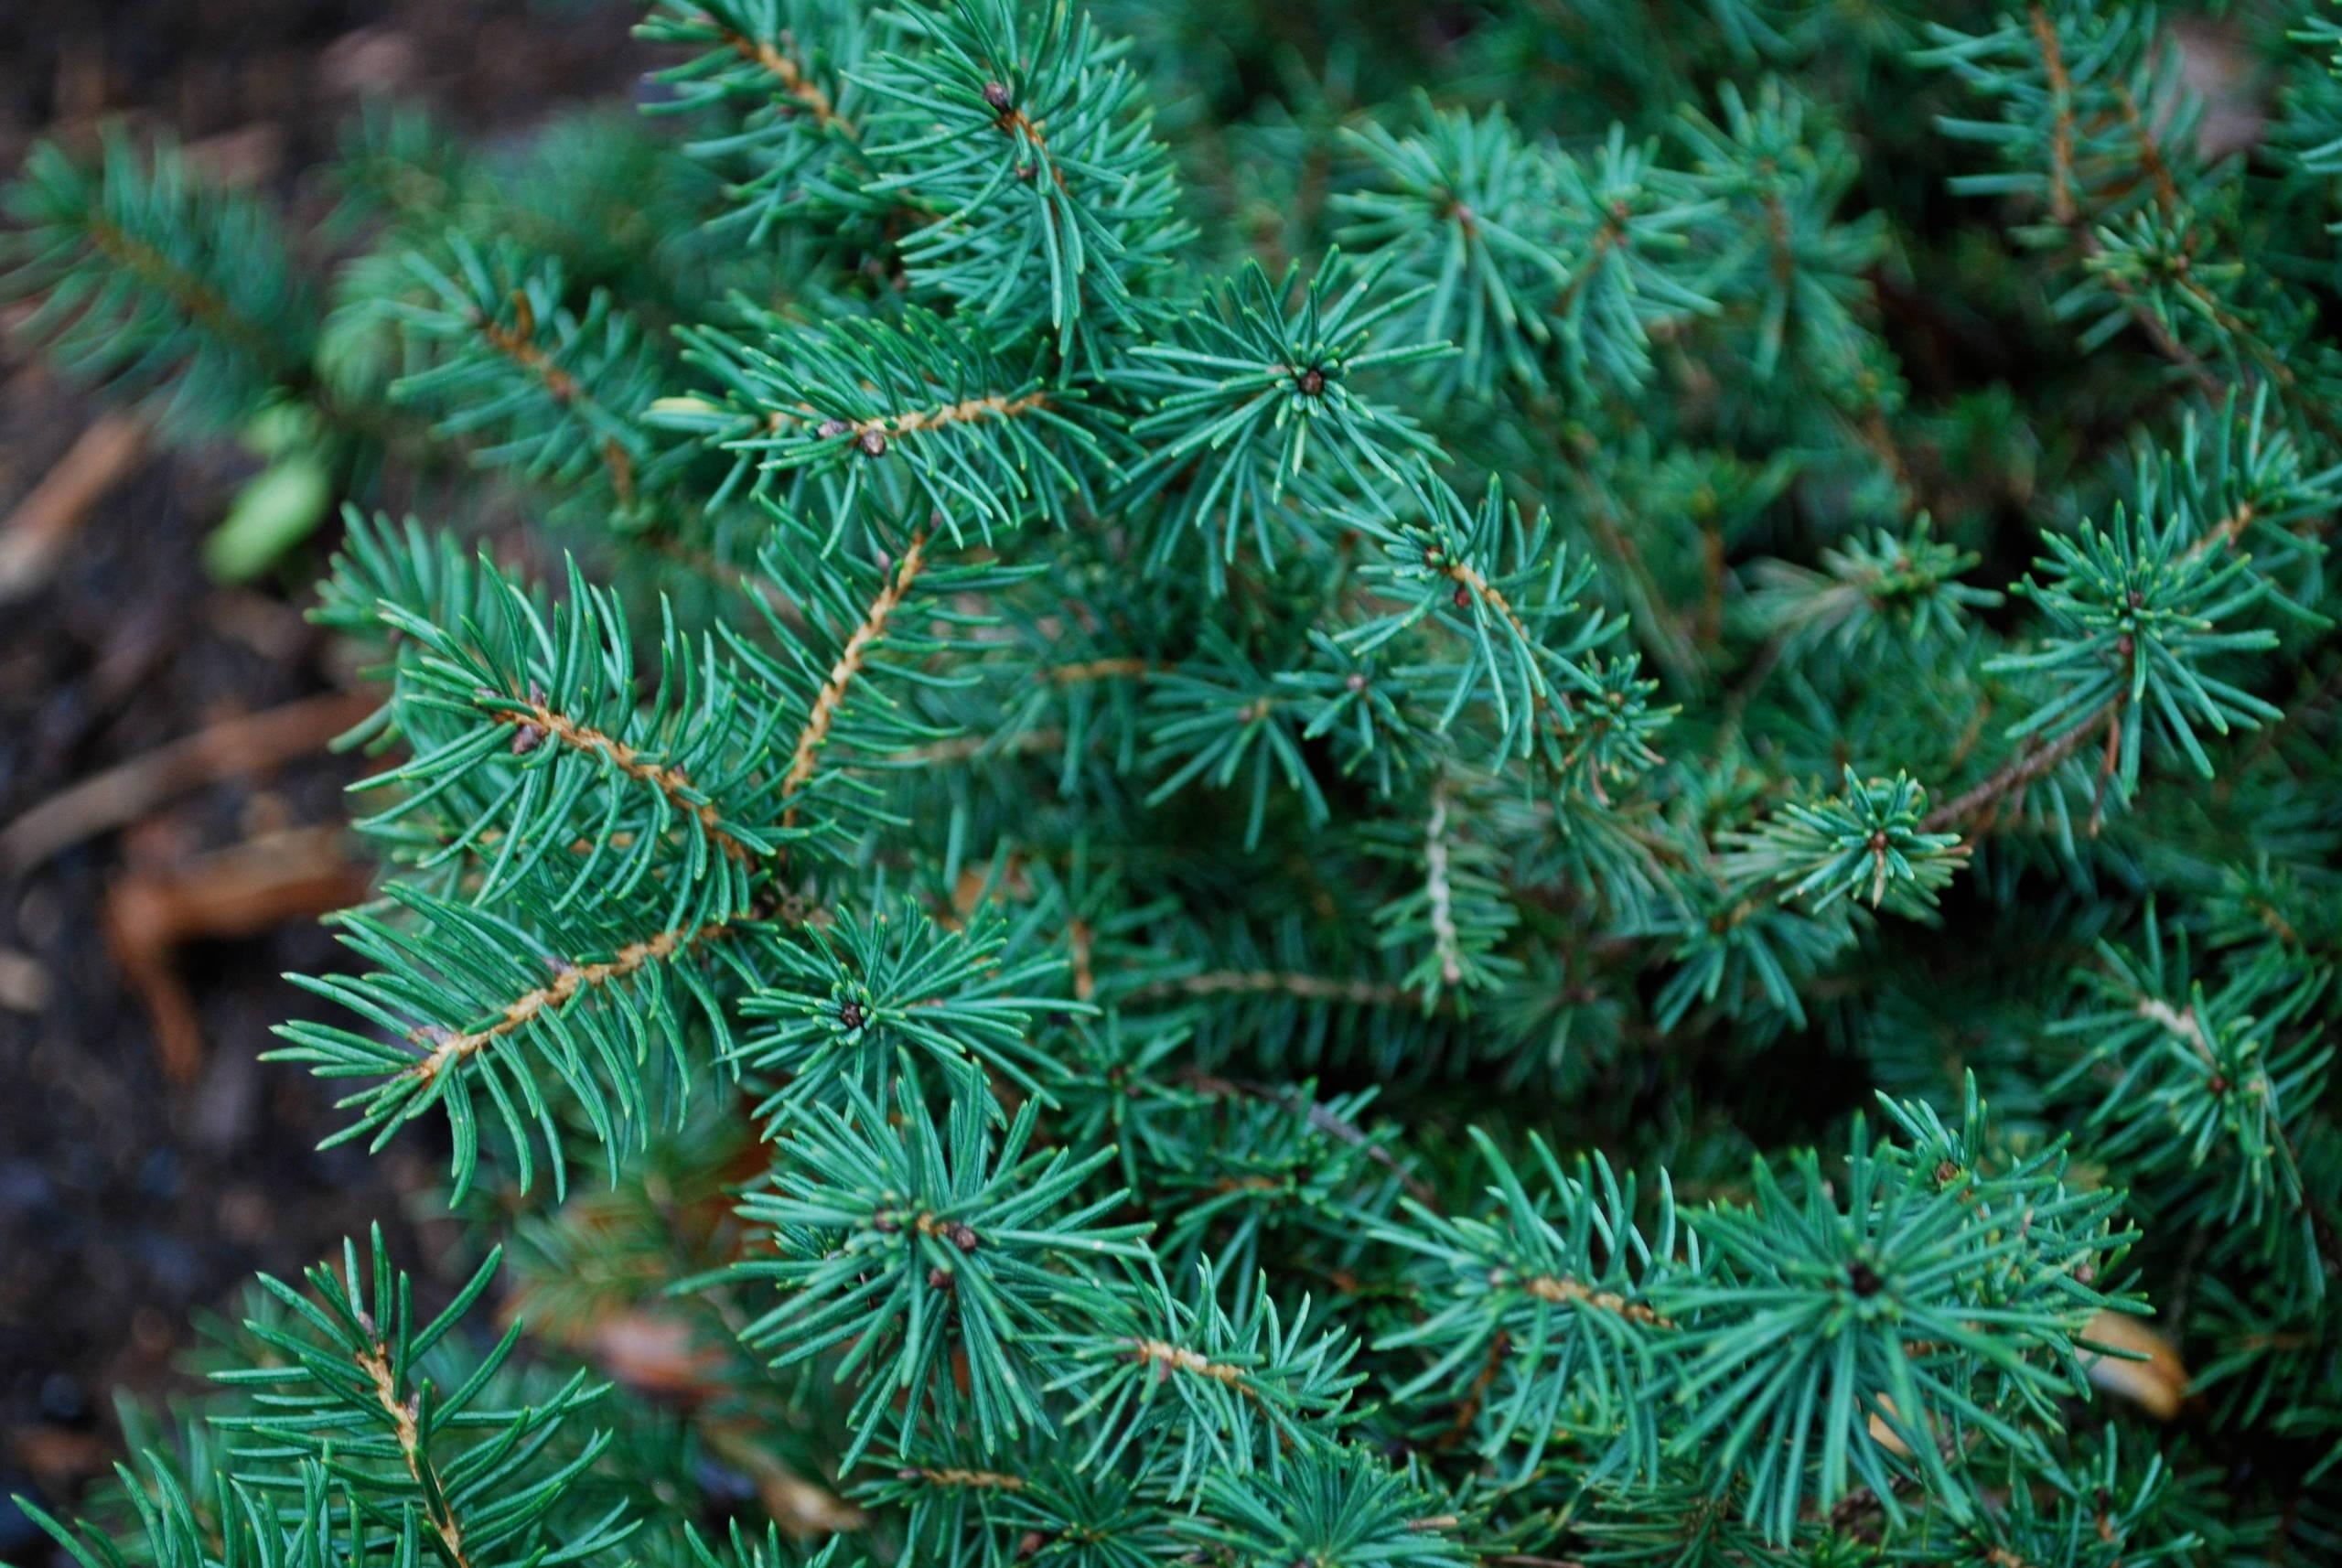 Birds Nest Spruce (Picea abies nidiformis)